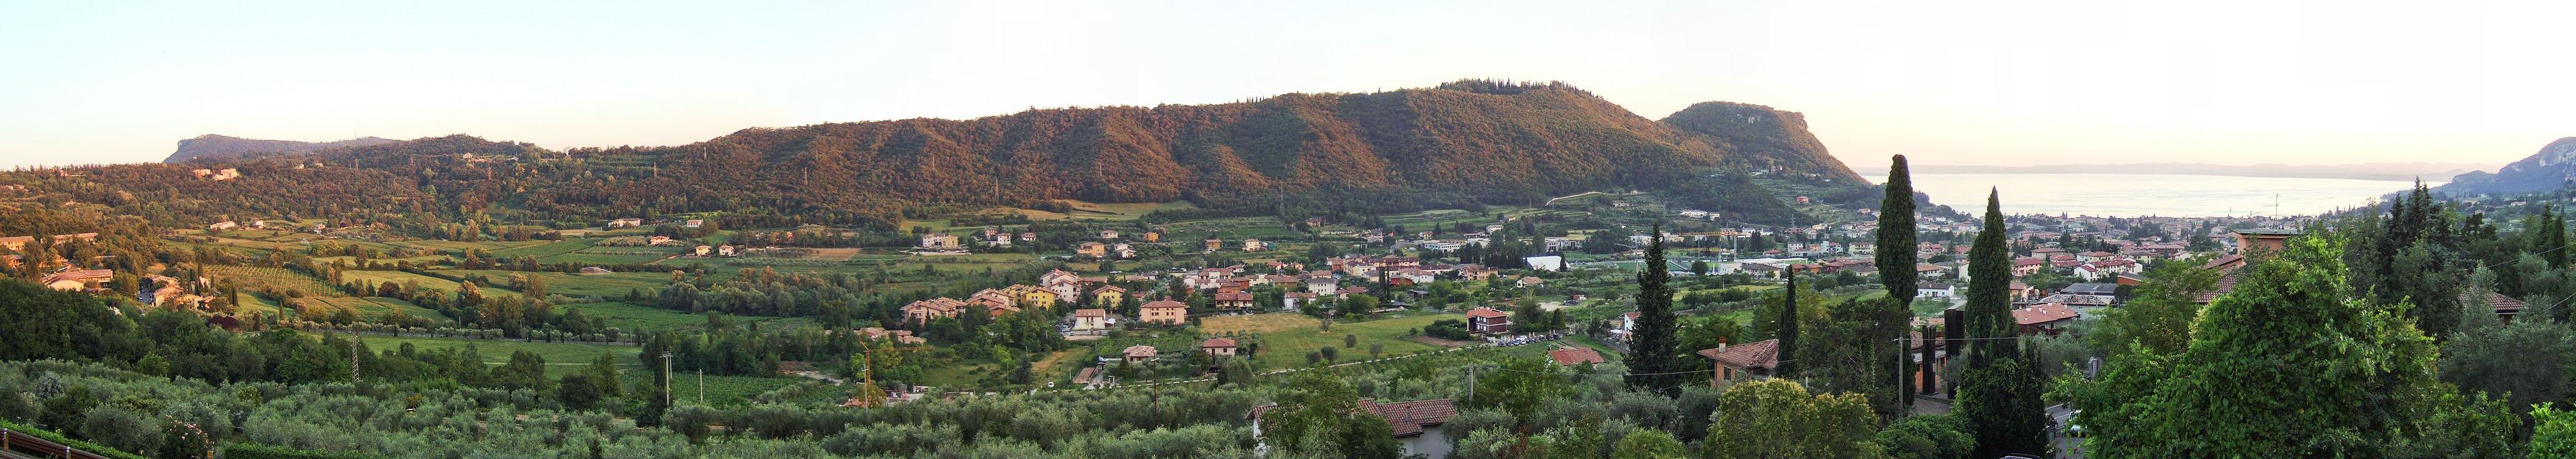 Garda seen from Ristorante Miralago, Costermano